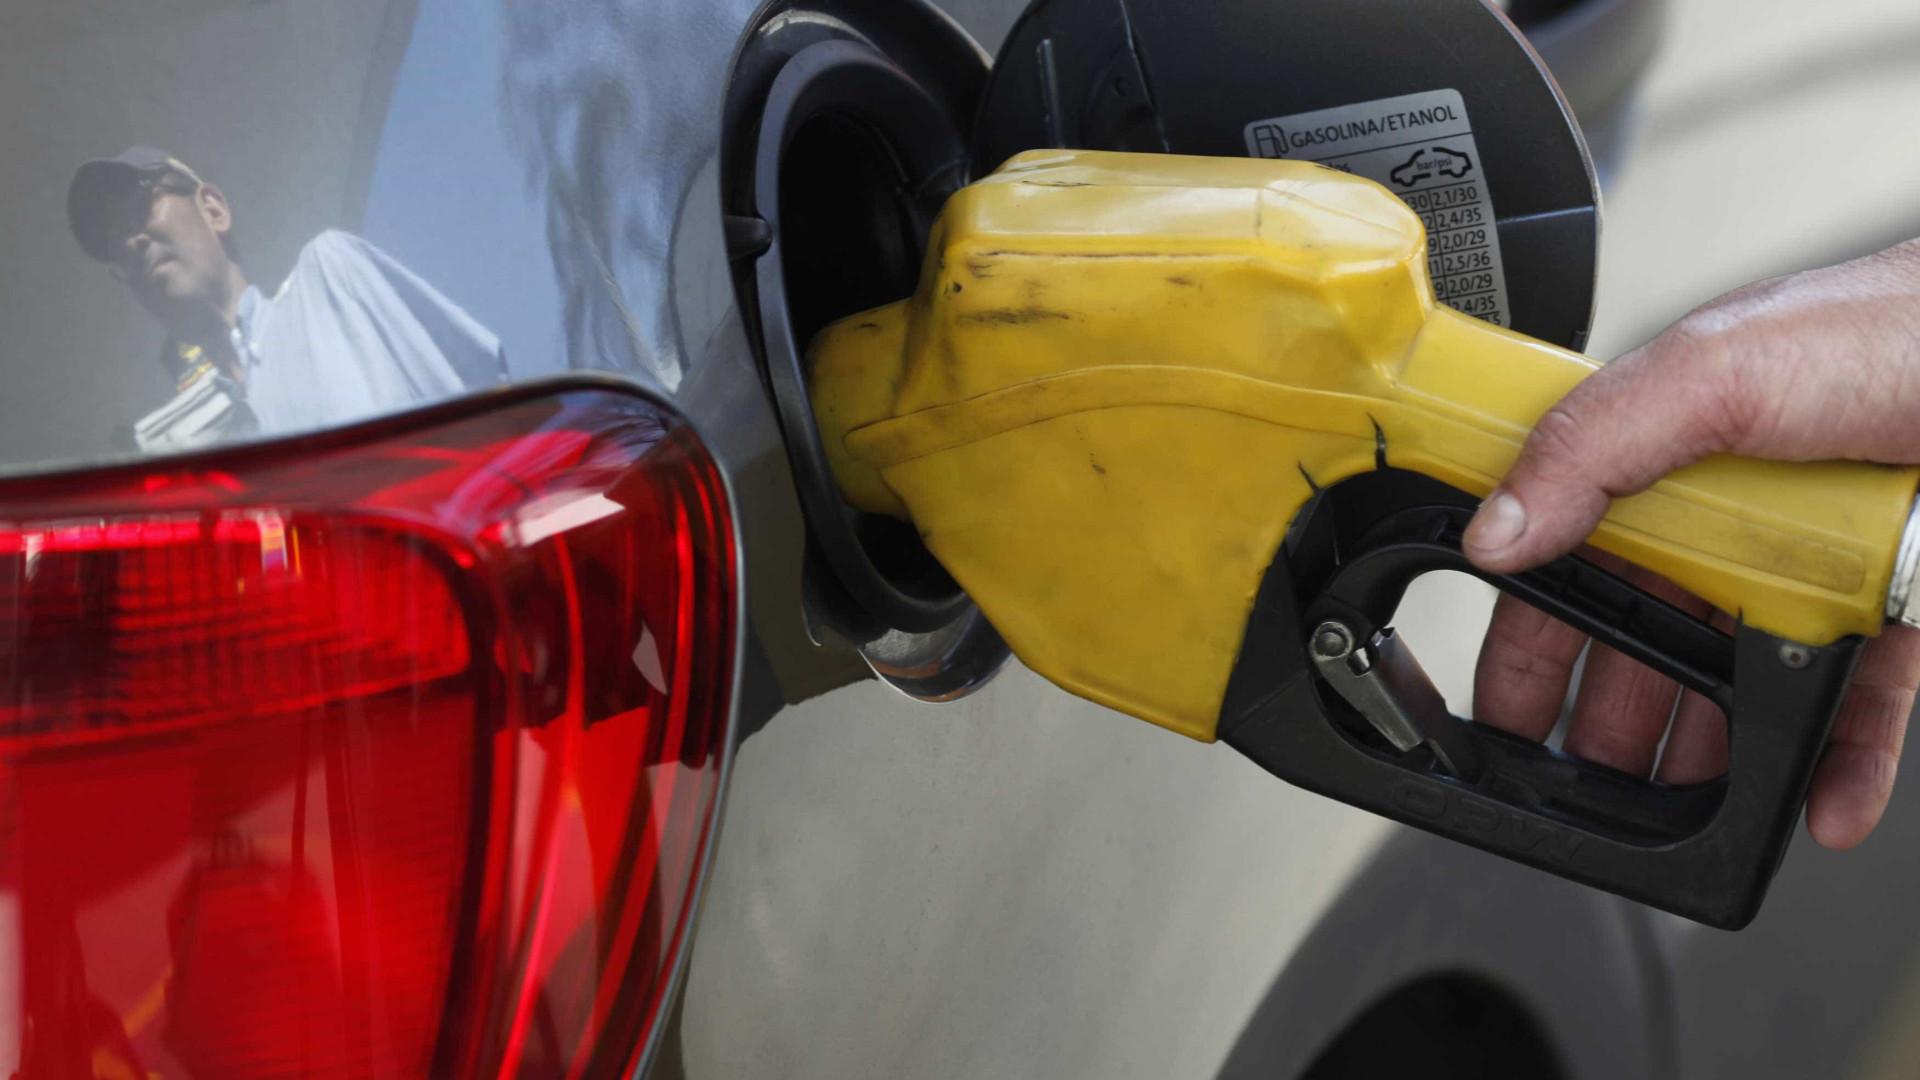 Apesar de queda na refinaria, preço da gasolina em postos fecha em alta